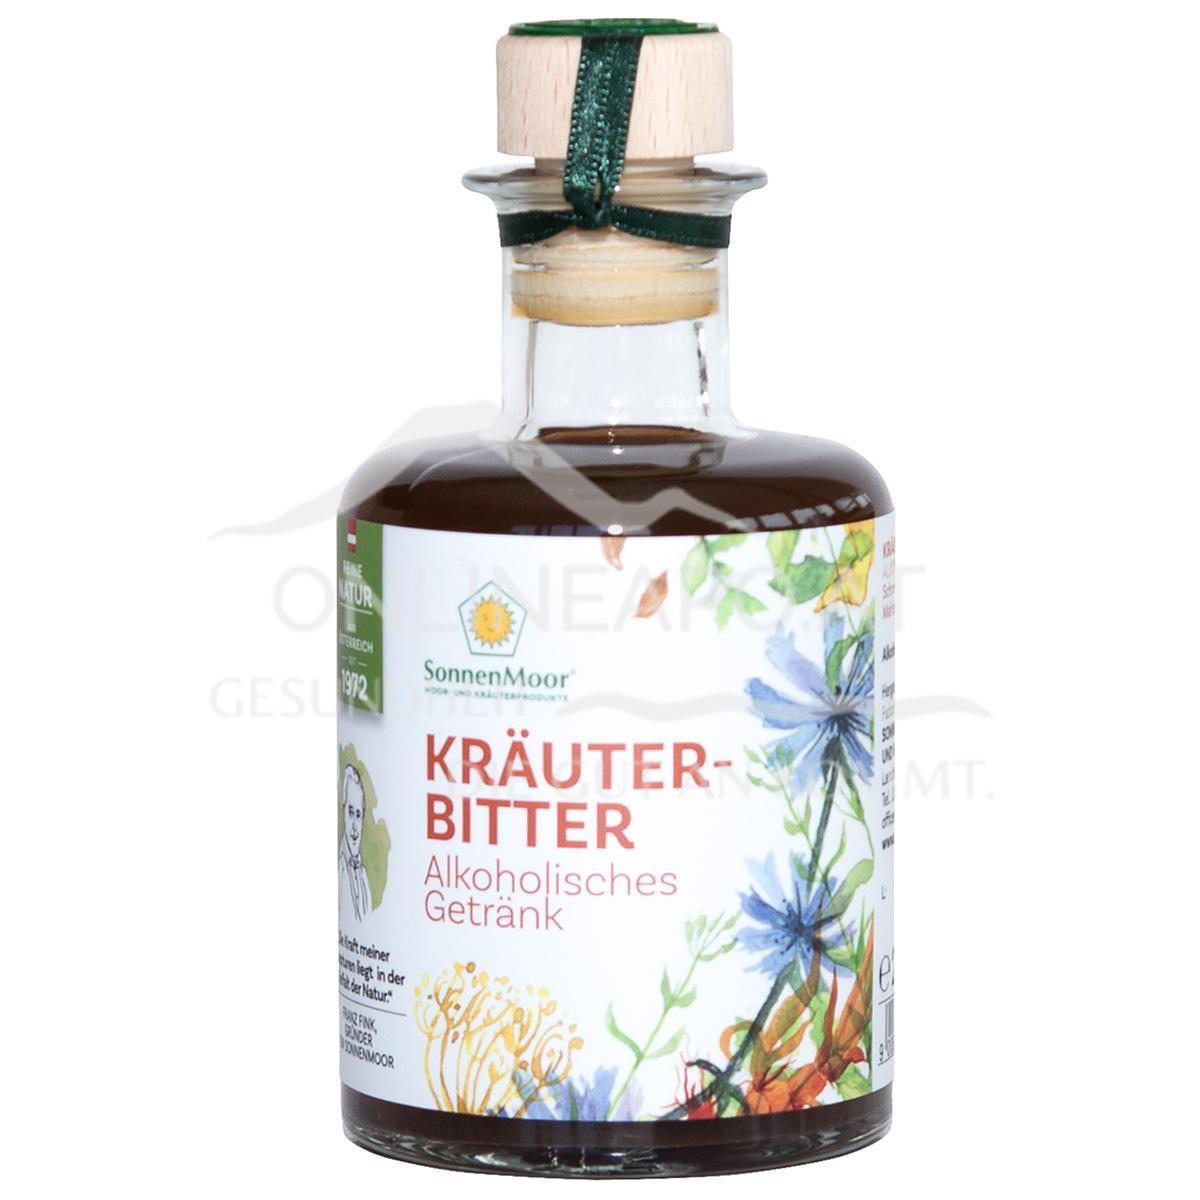 SonnenMoor Kräuterbitter mit Alkohol